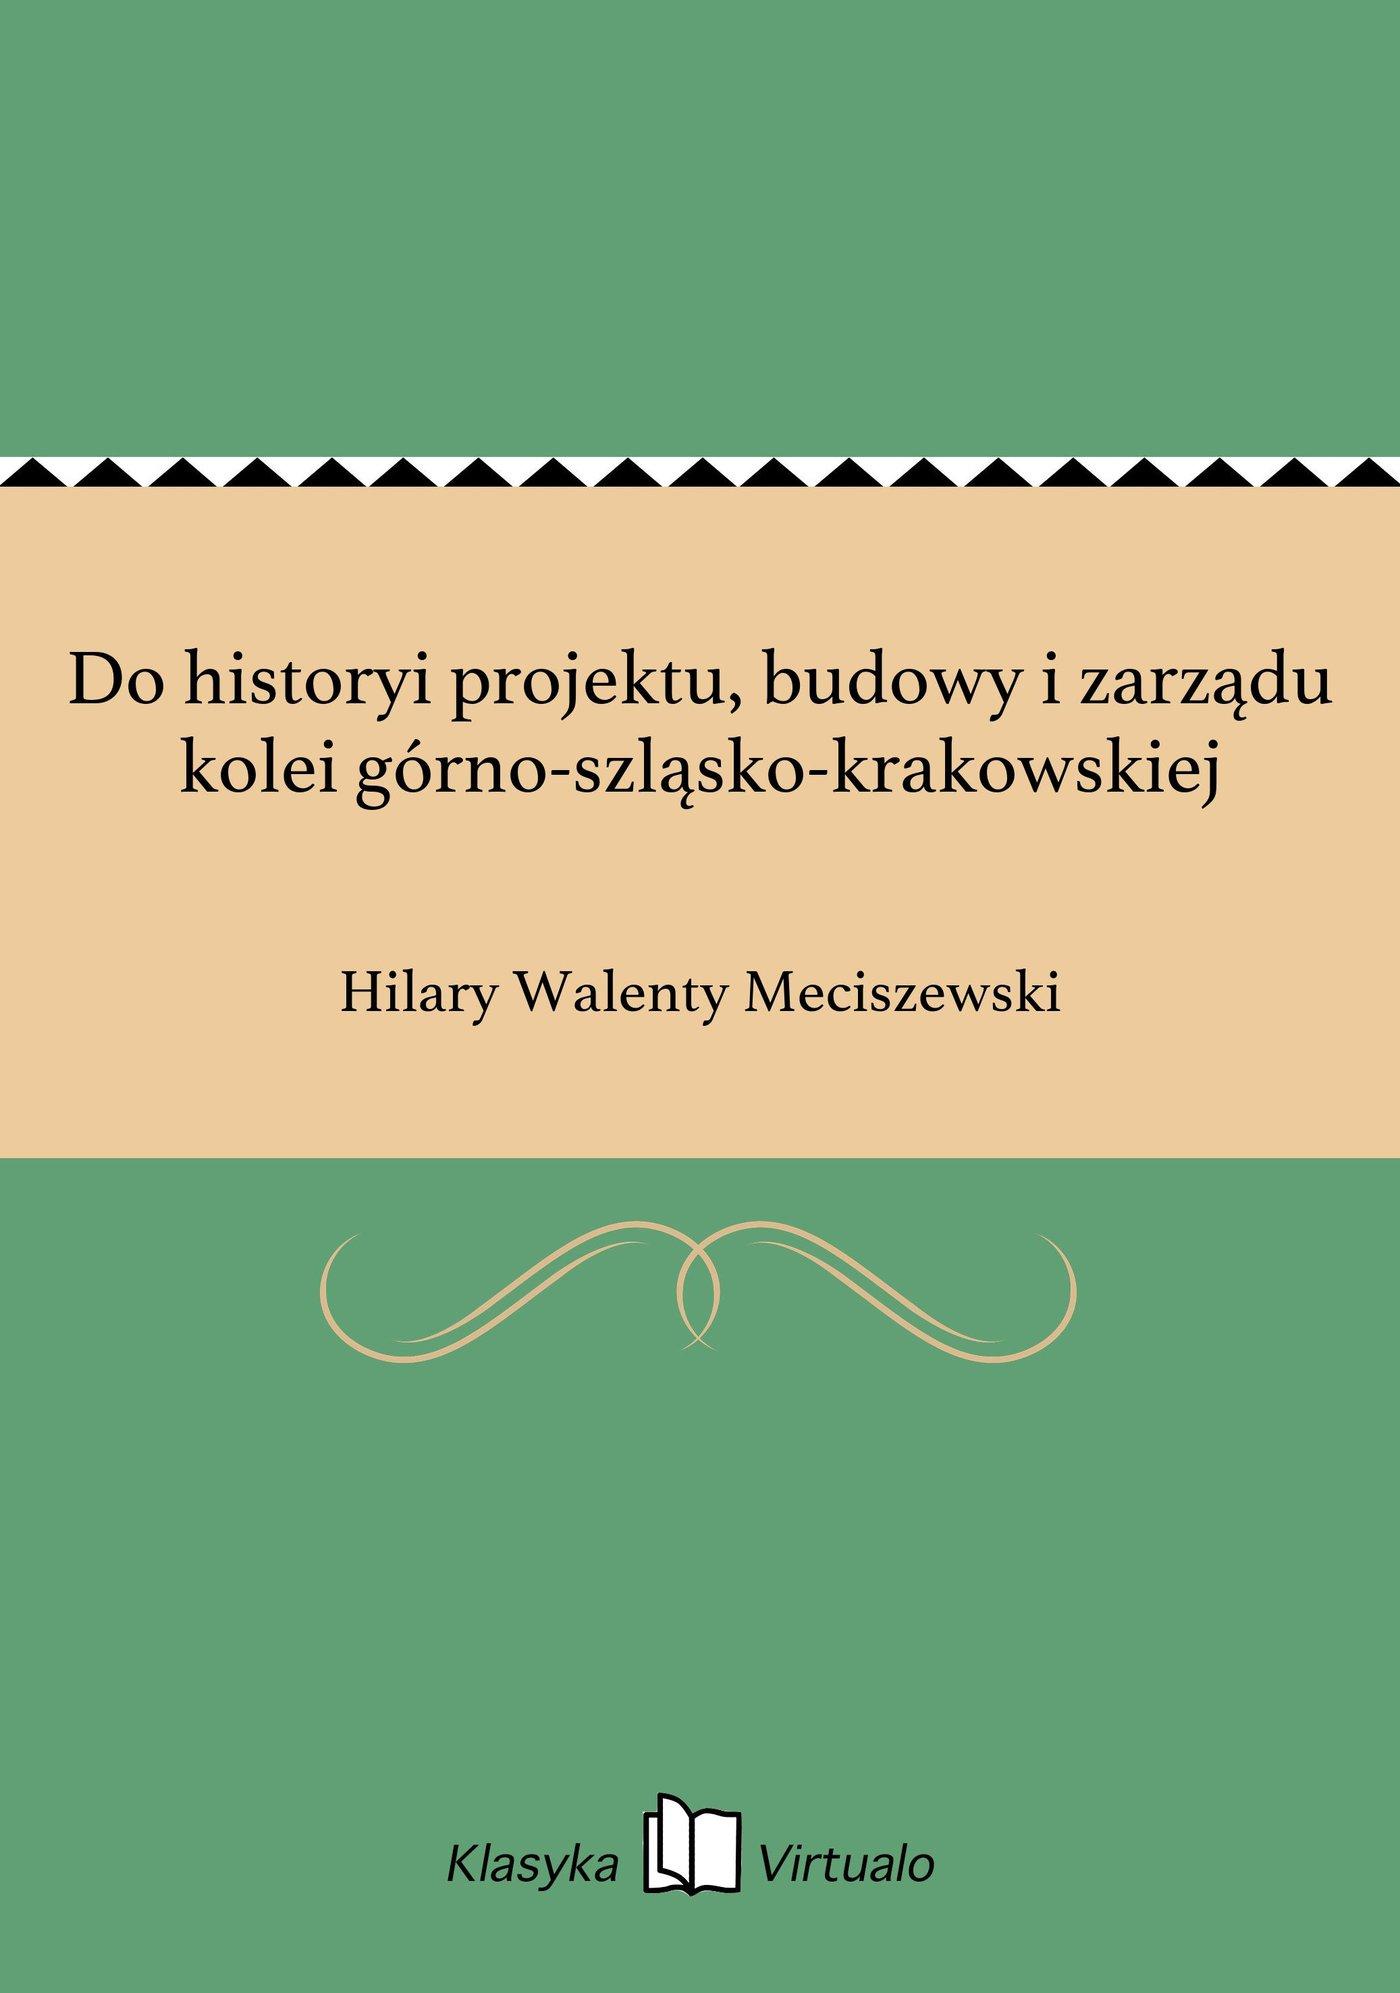 Do historyi projektu, budowy i zarządu kolei górno-szląsko-krakowskiej - Ebook (Książka na Kindle) do pobrania w formacie MOBI